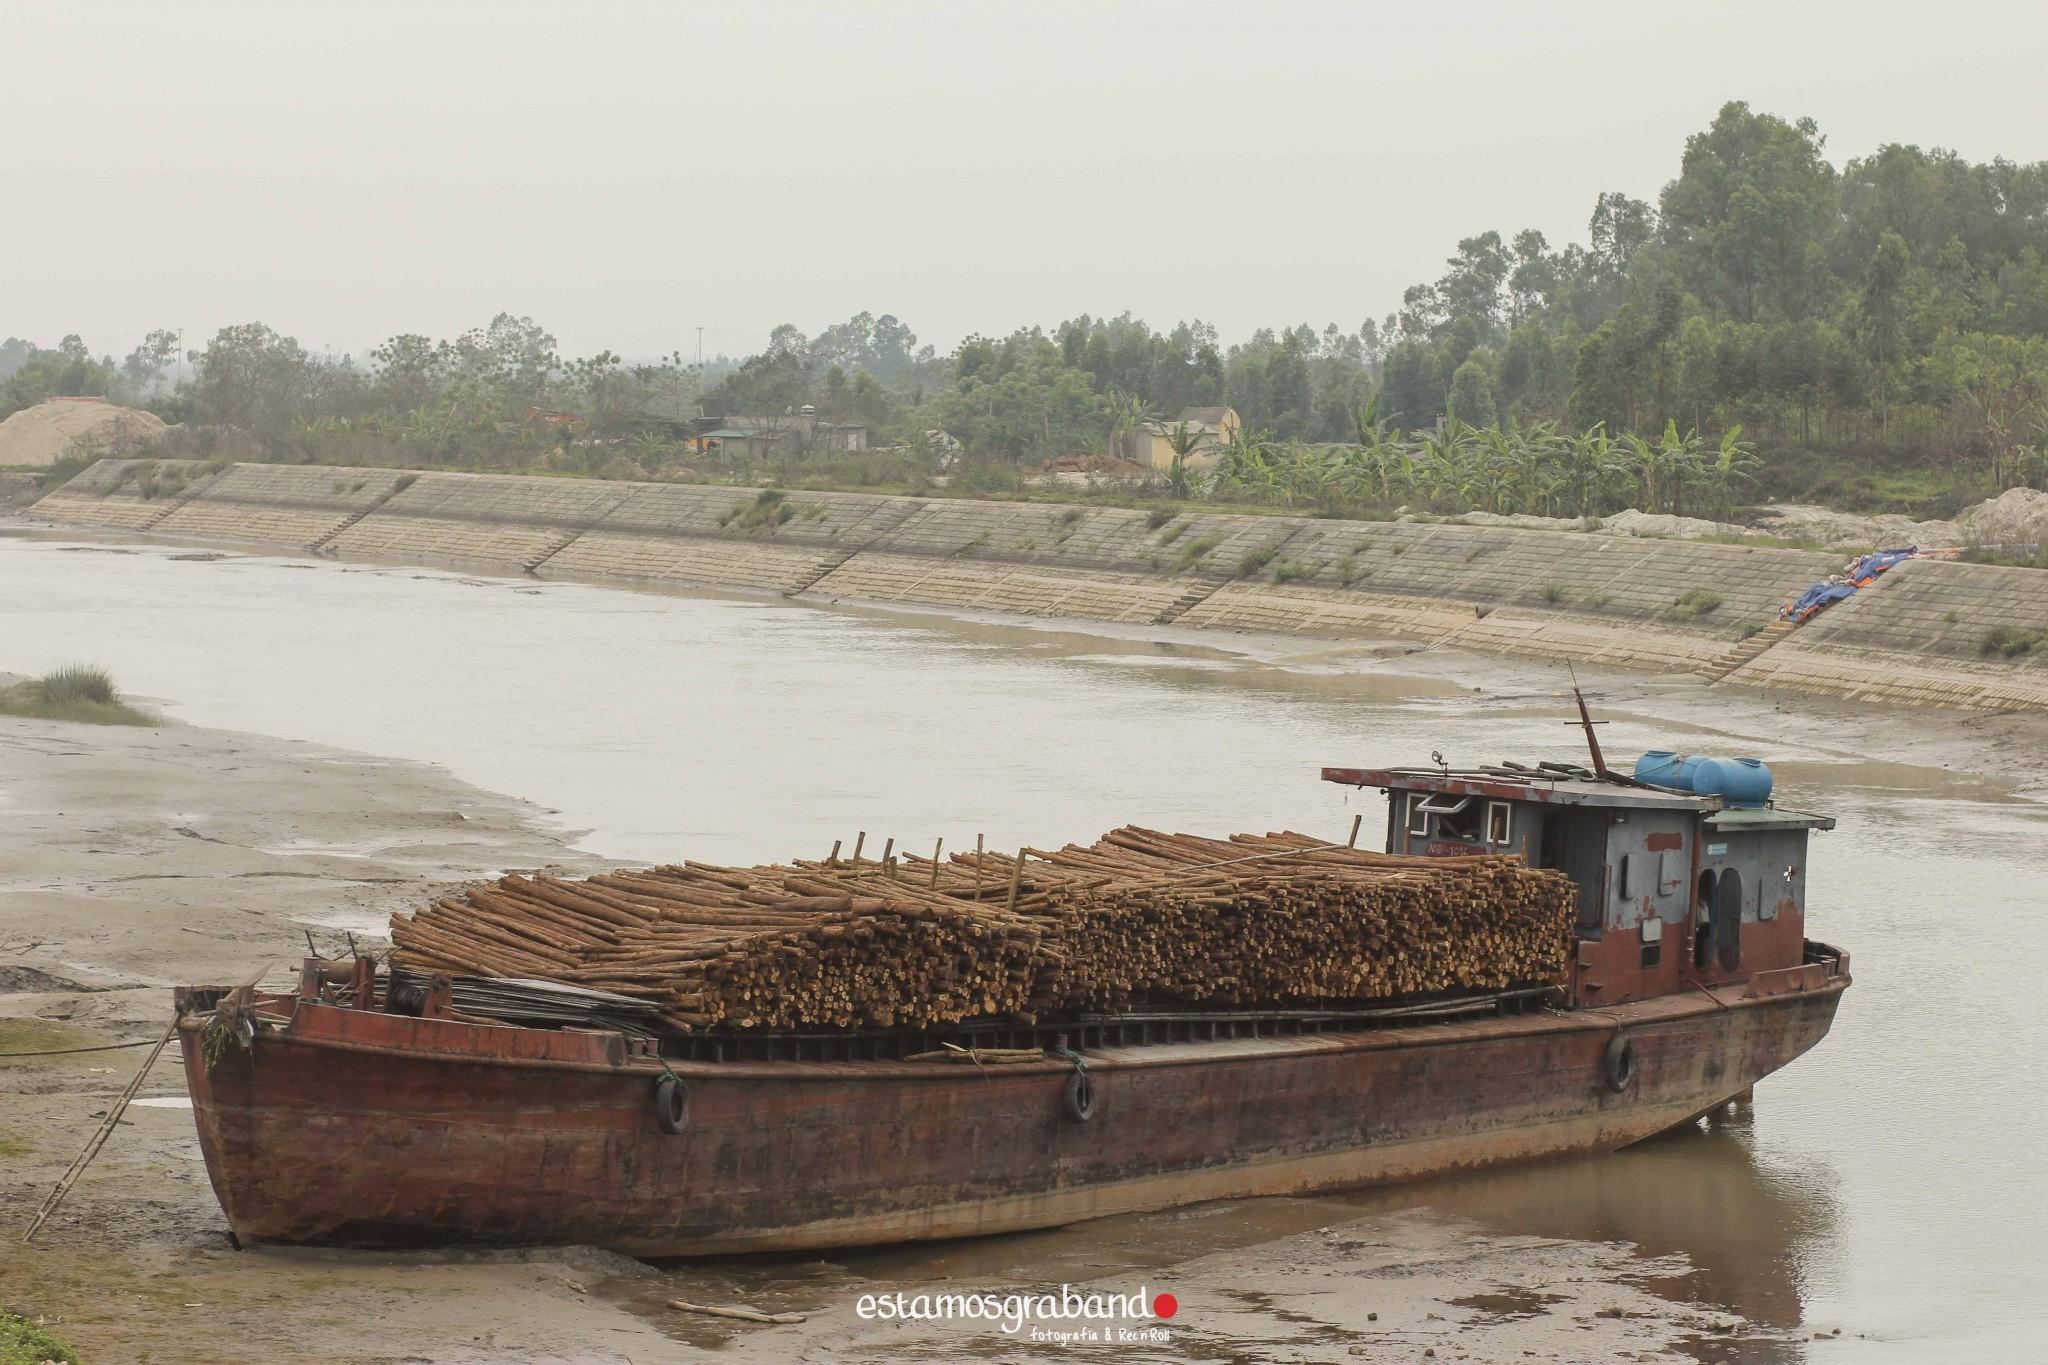 reportaje-vietnam_fotograficc81a-vietnam_estamosgrabando-vietnam_rutasvietnam_reportaje-retratos-fotos-vietnam_fotografia-vietnam_reportaje-estamosgrabando-fotograficc81a-vietnam-48 Pequeños grandes recuerdos de Vietnam en 100 imágenes - video boda cadiz